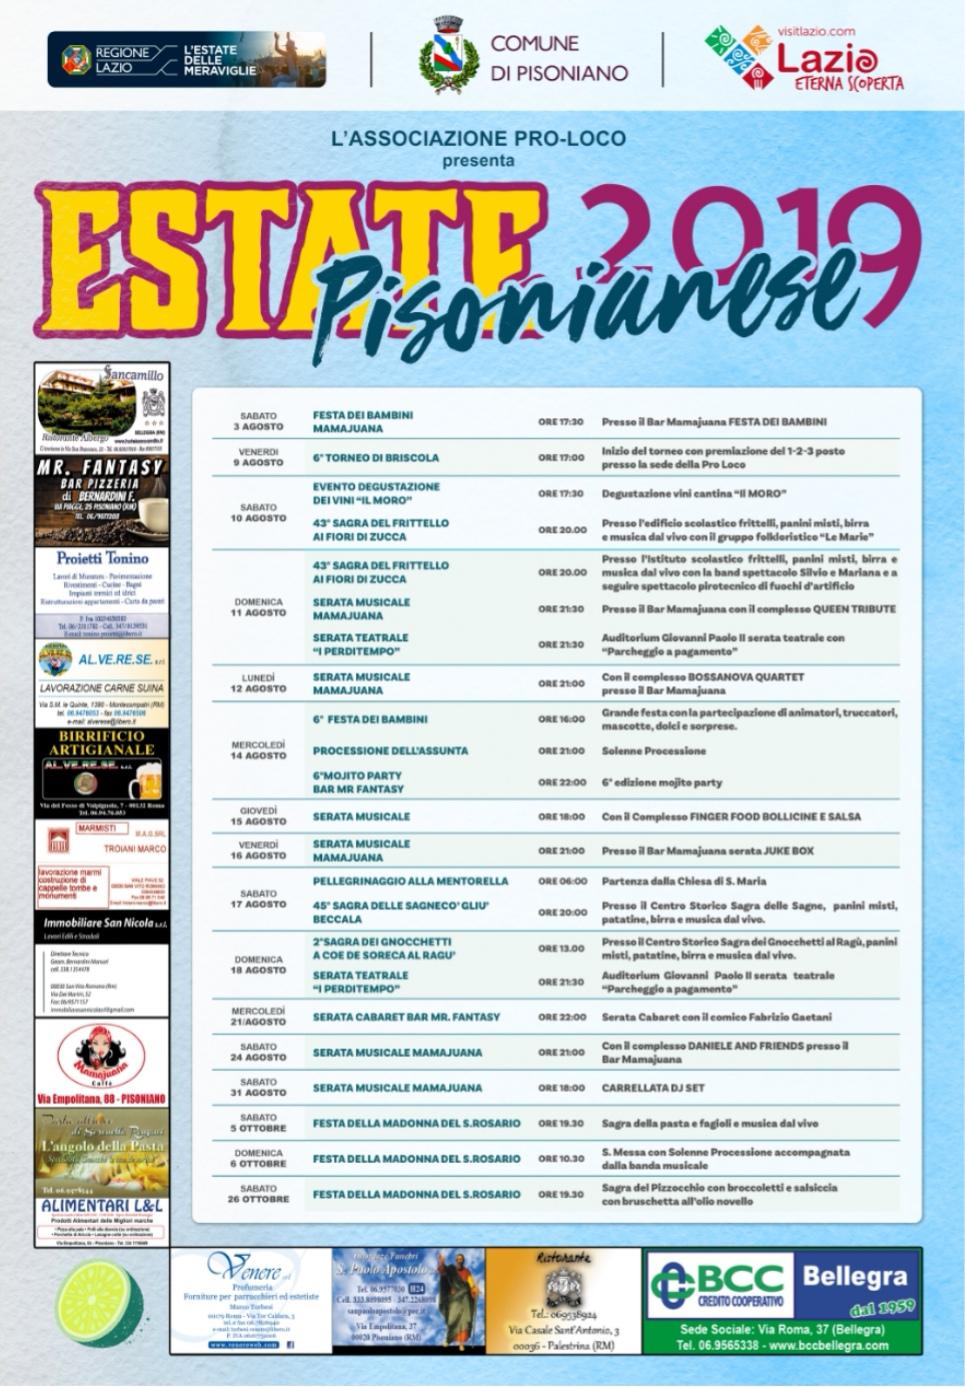 Calendario Sagre.Estate A Pisoniano Il Calendario Degli Eventi Agenzia